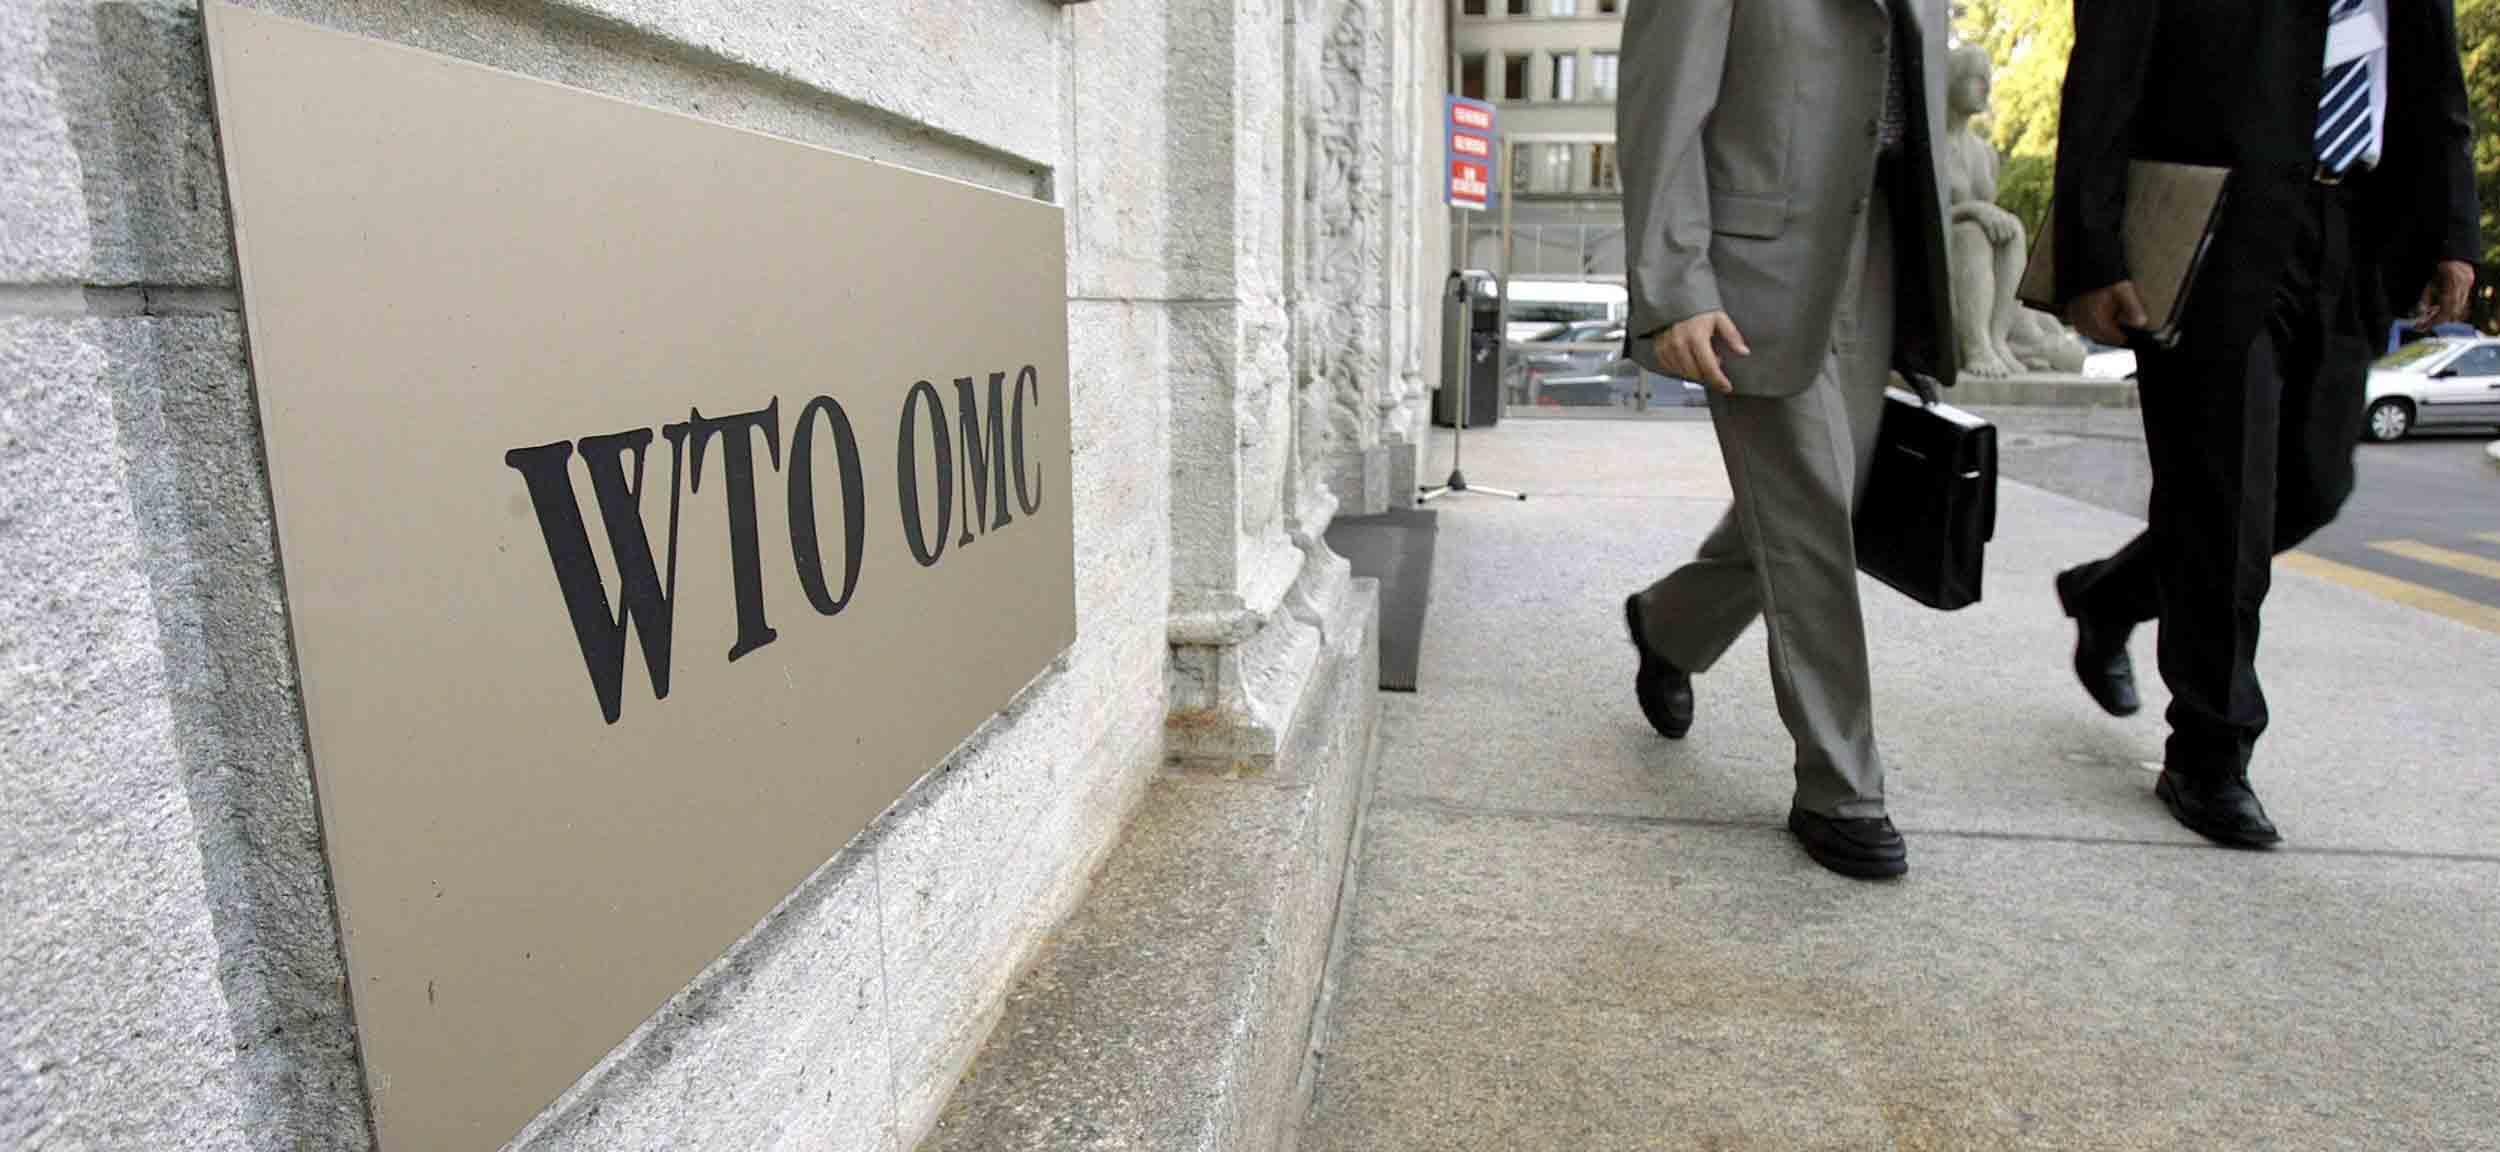 ТС адаптируют к ВТО